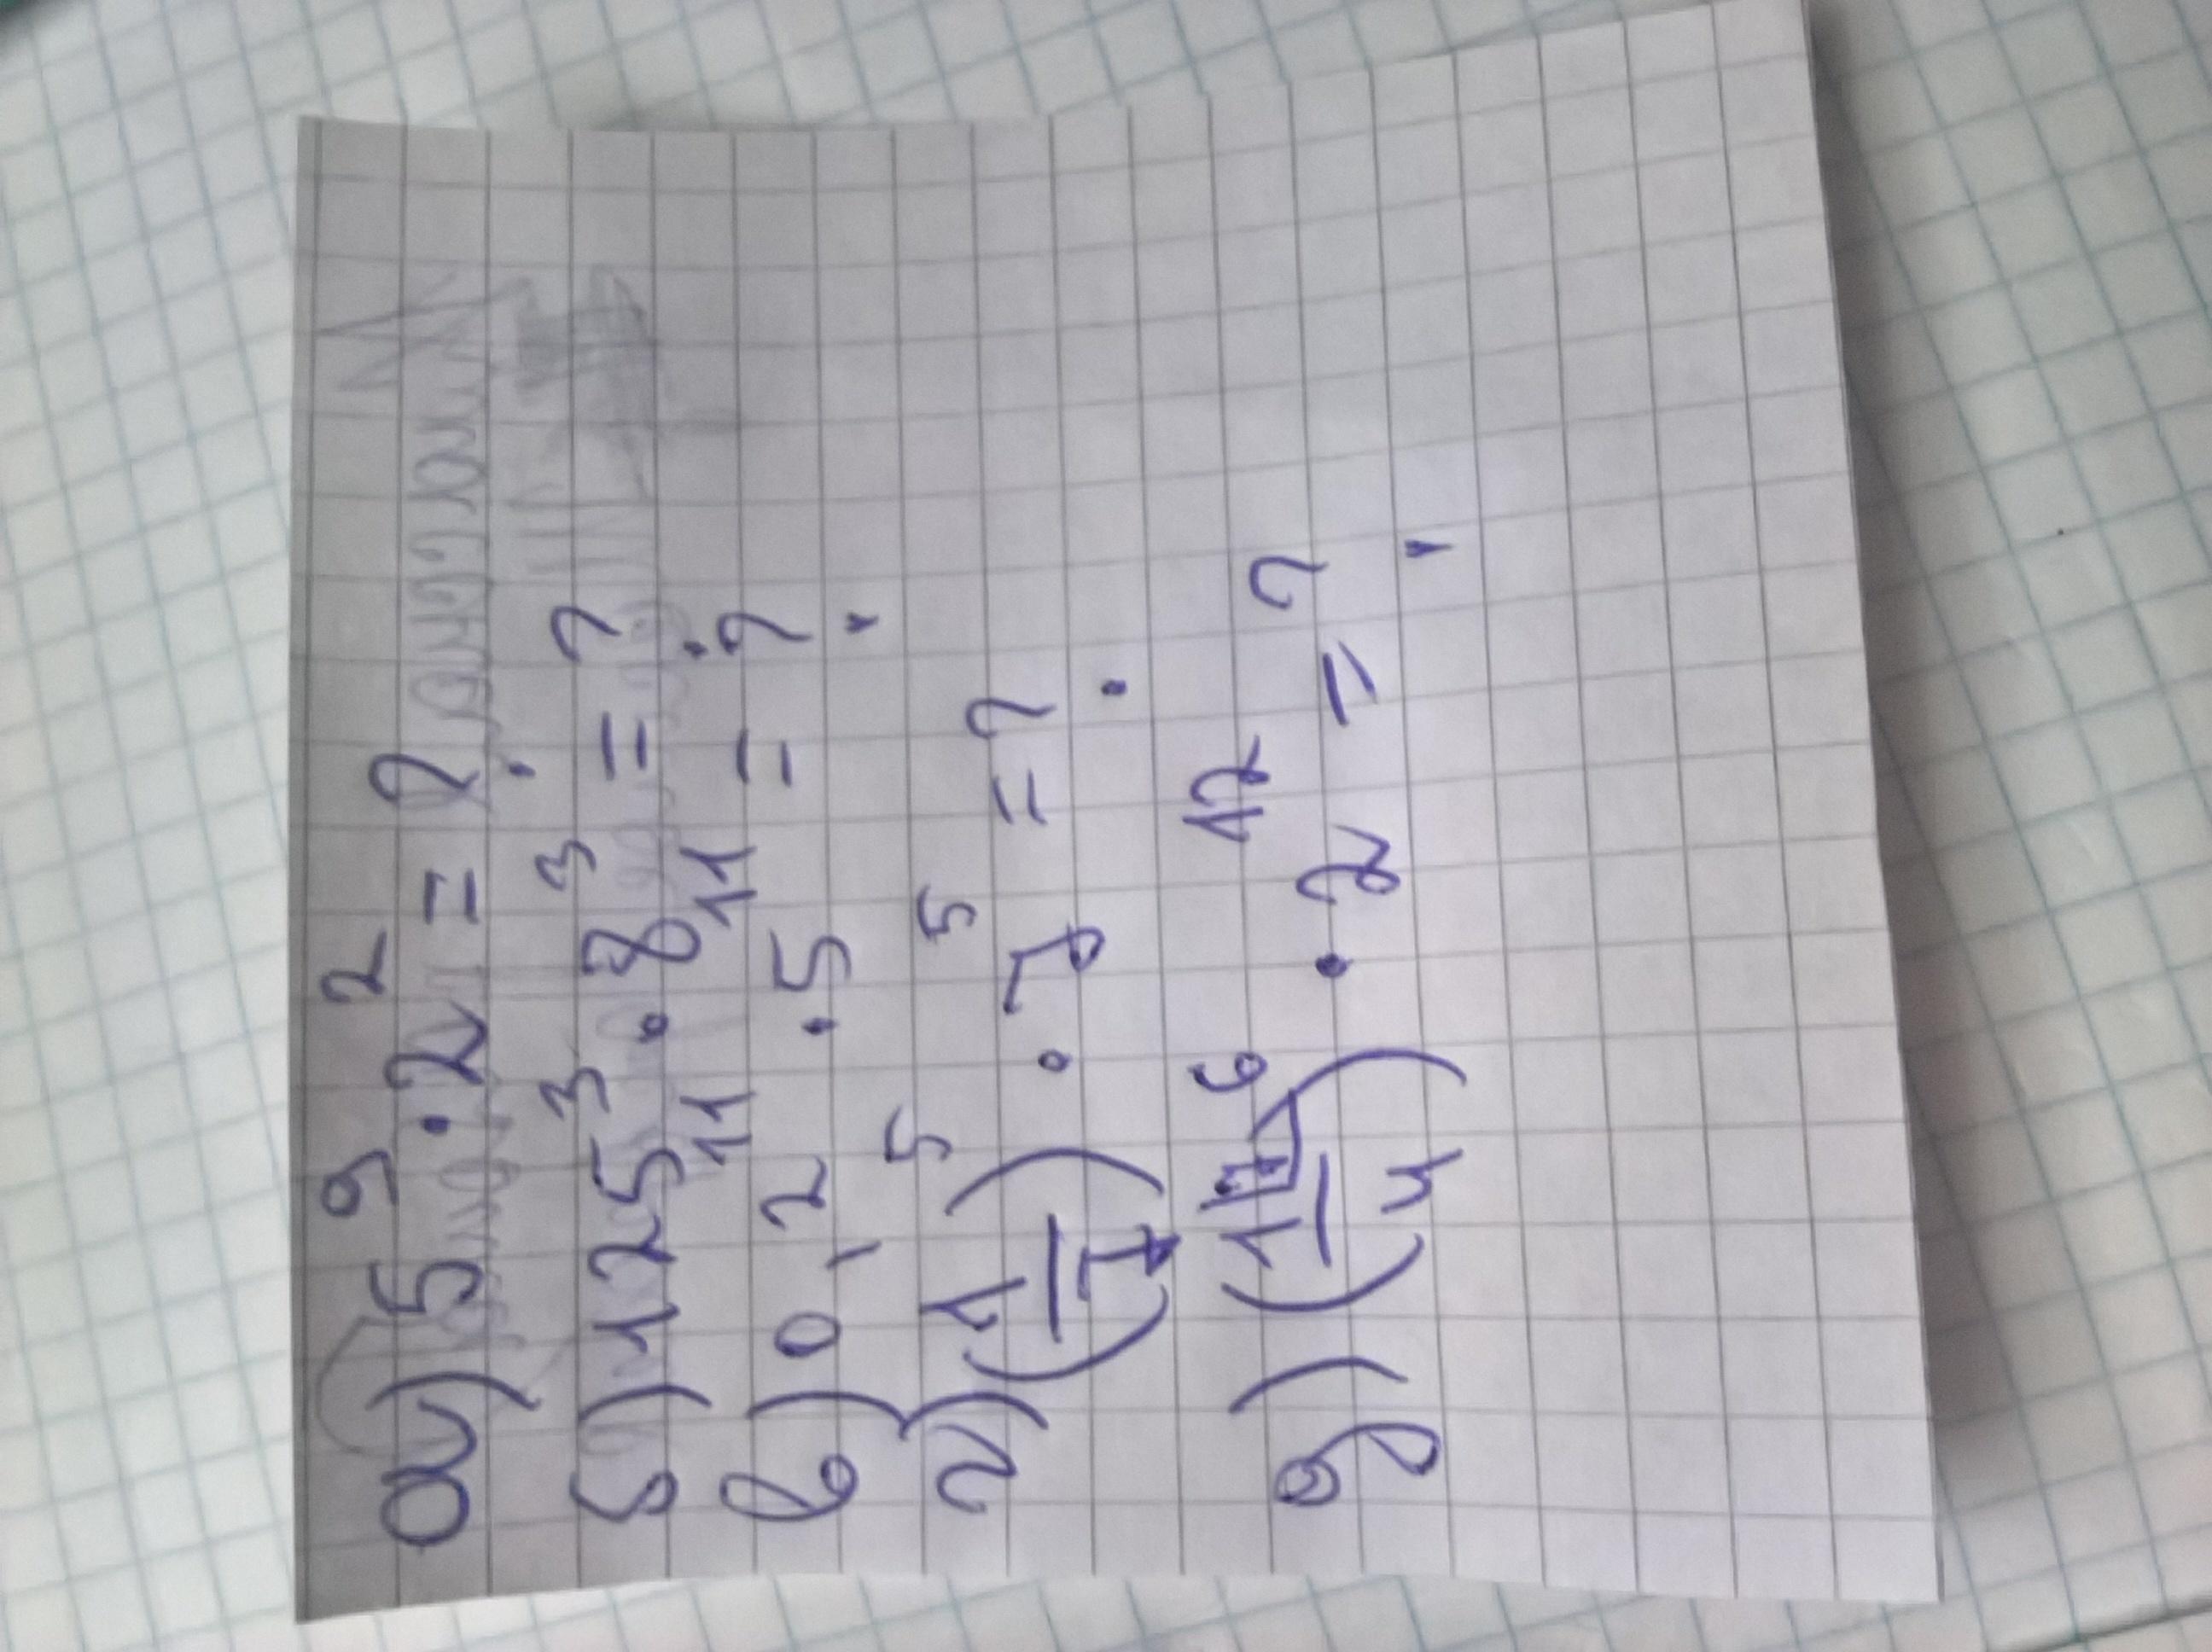 Ребят помогите :а)5 в девятой степени умножить на 2 во второй степениУмоляю срочно распишите подробно?